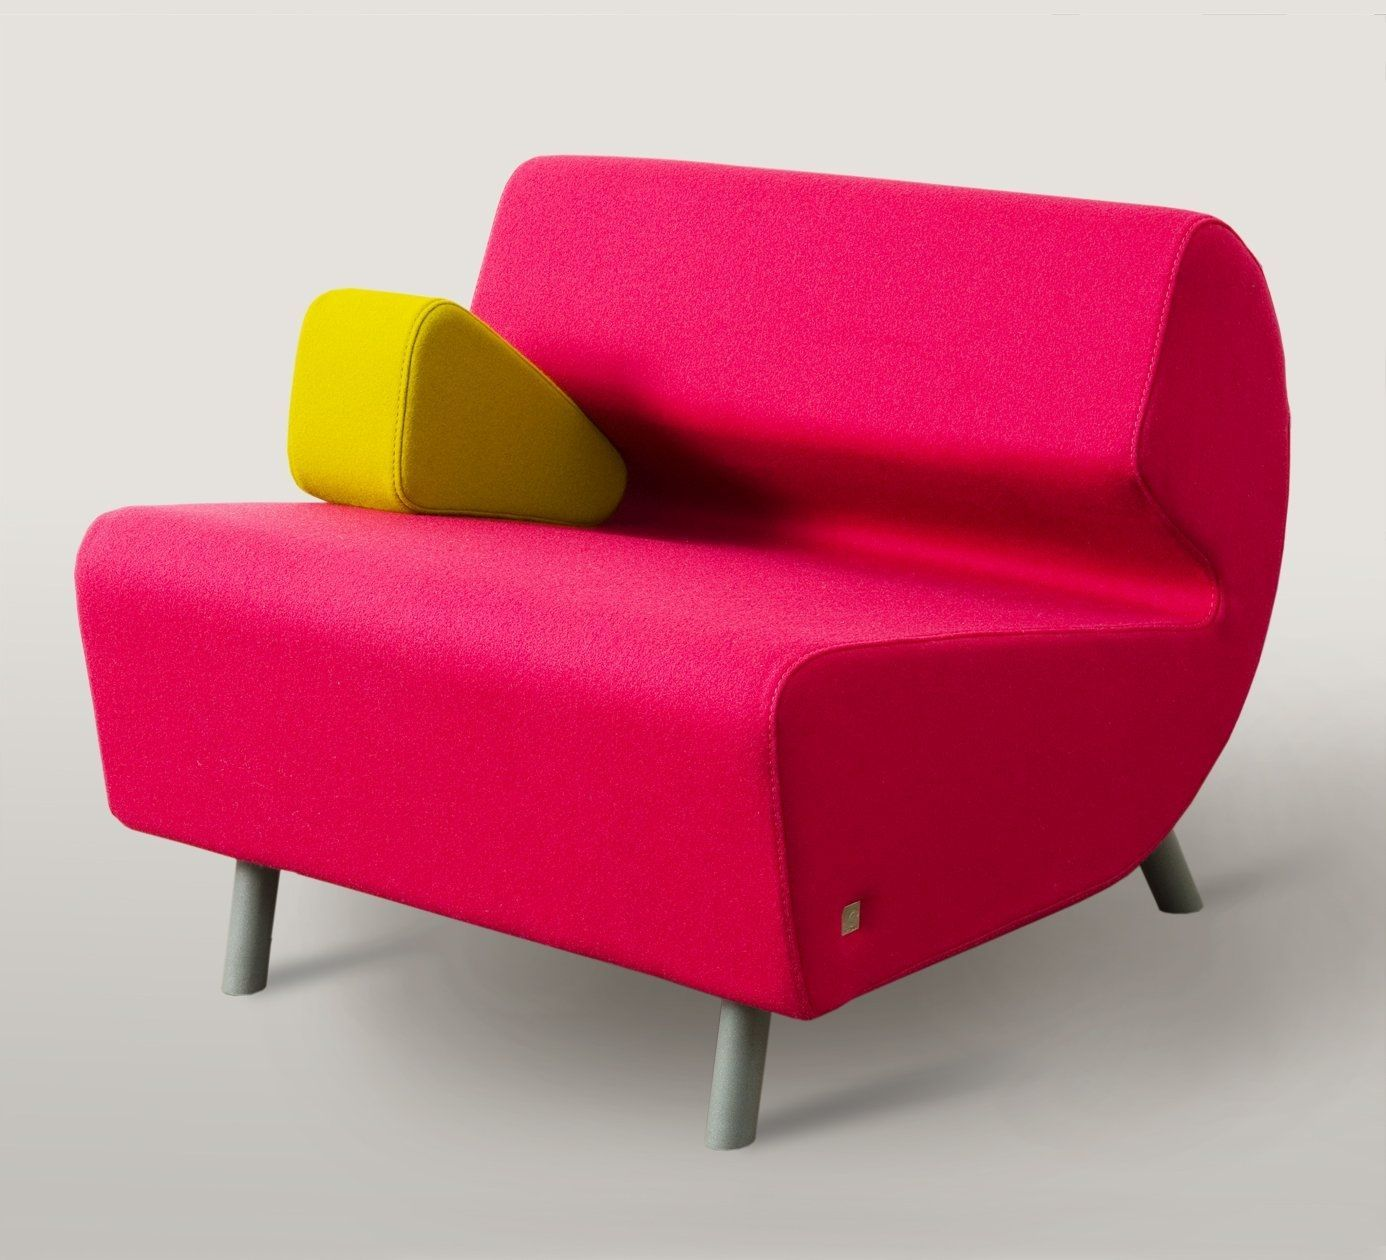 Pop art furniture heavenly pop art design fireside chairs for Pop furniture bewertung